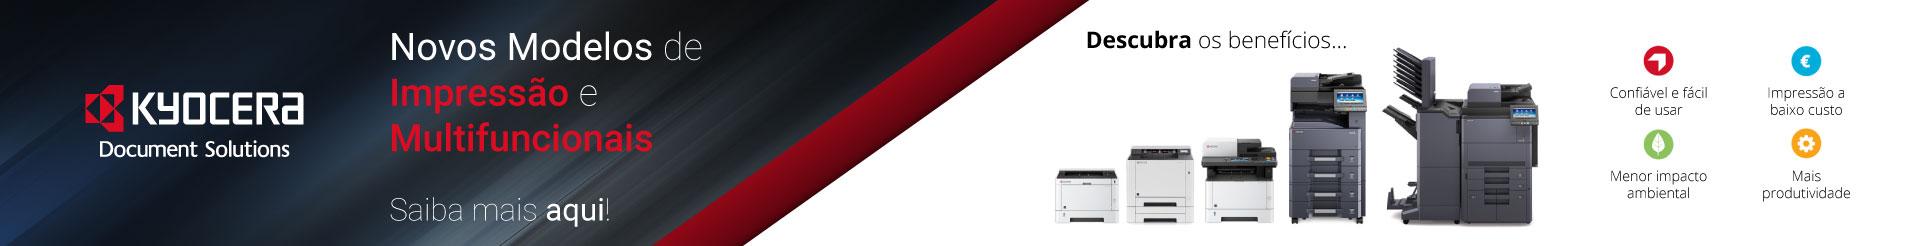 Novos Modelos de Impressão e Multifuncionais - Kyocera